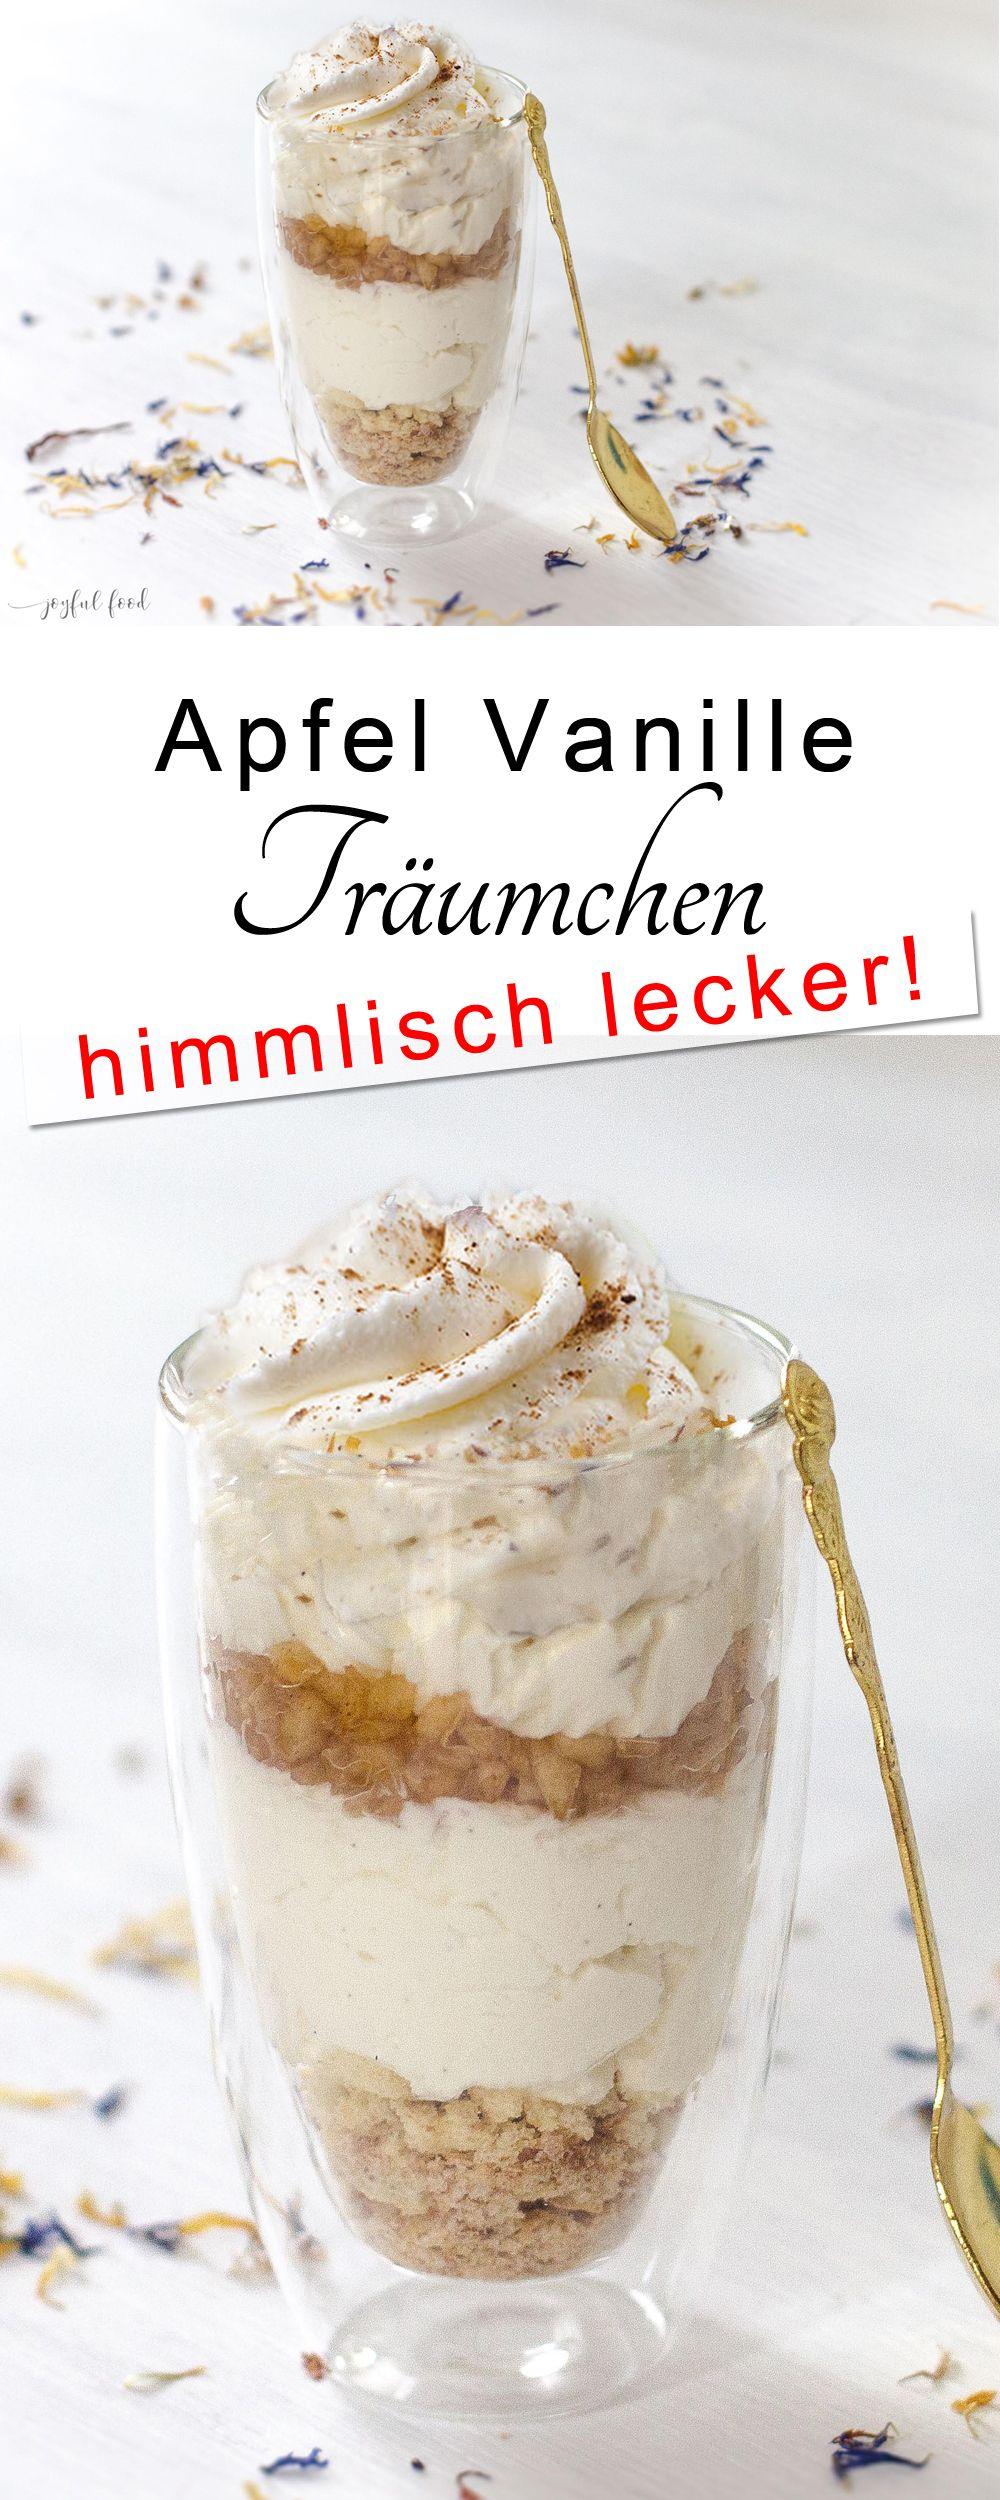 Apfel Vanille Träumchen #herbstgerichte